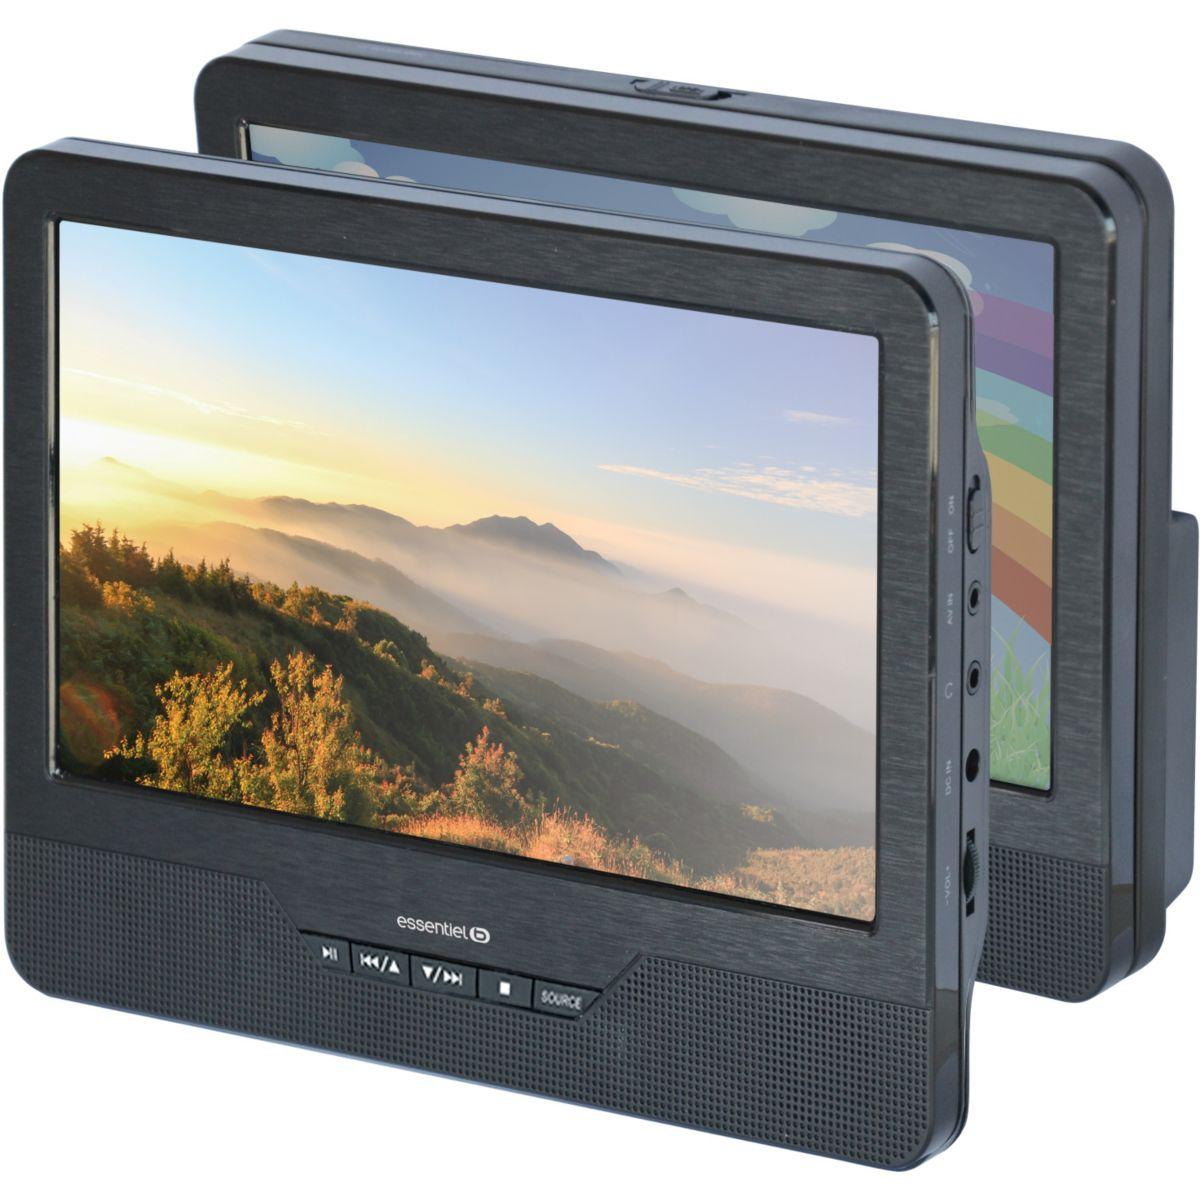 Lecteur DVD portable double écran ESSENTIELB Mobili MM9 + Support Voiture (photo)